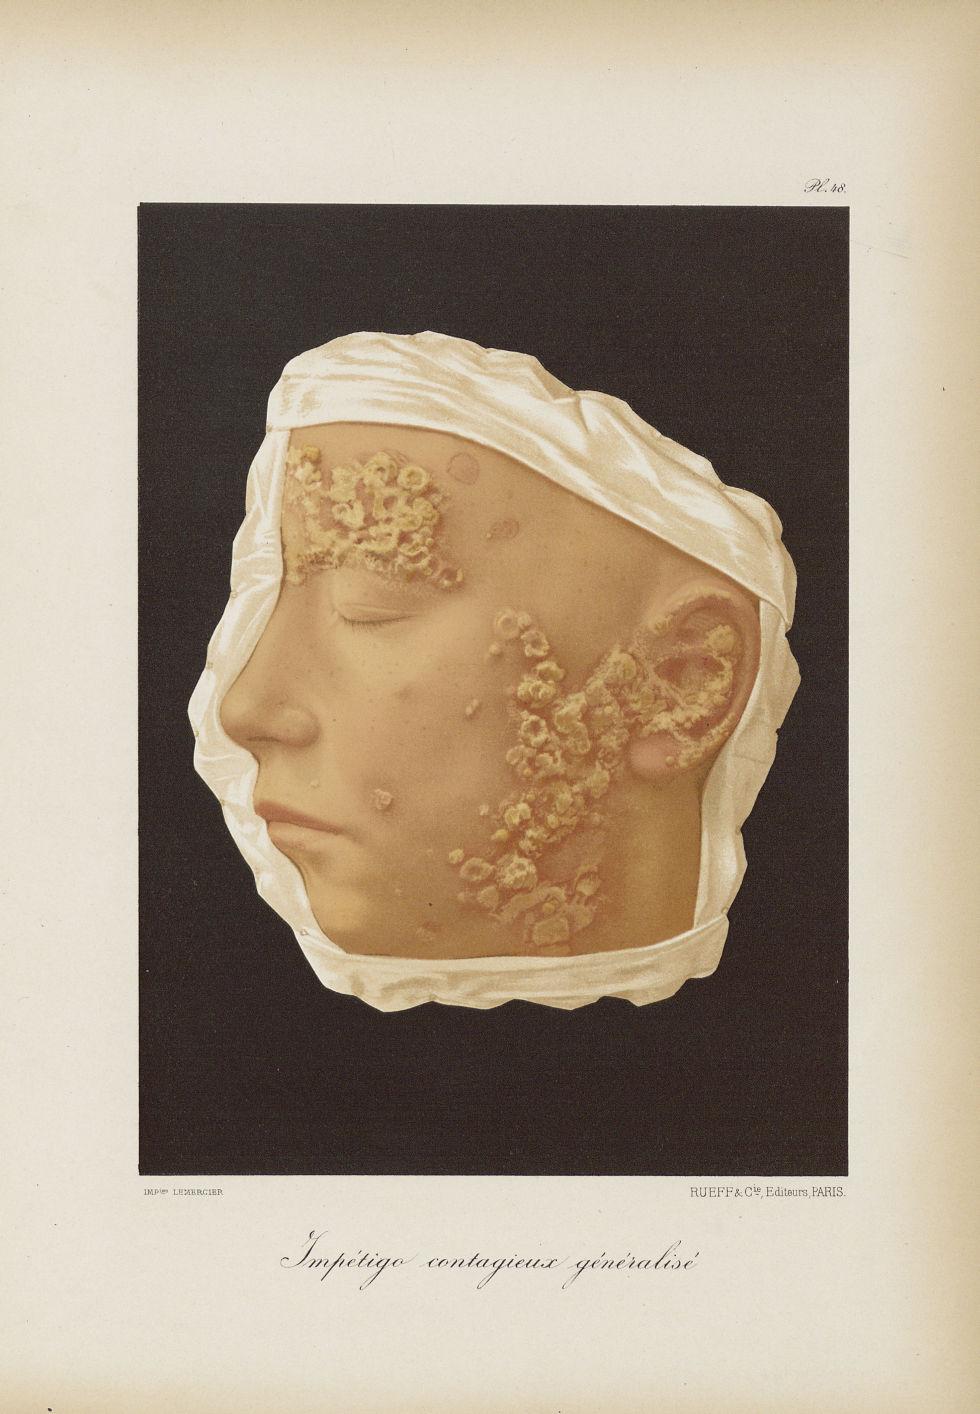 Impetigo contagieux généralisé - Le musée de l'hôpital Saint-Louis : iconographie des maladies cutan [...] - Dermatologie (peau). Visages (têtes). 19e siècle (France) - med01740x0376